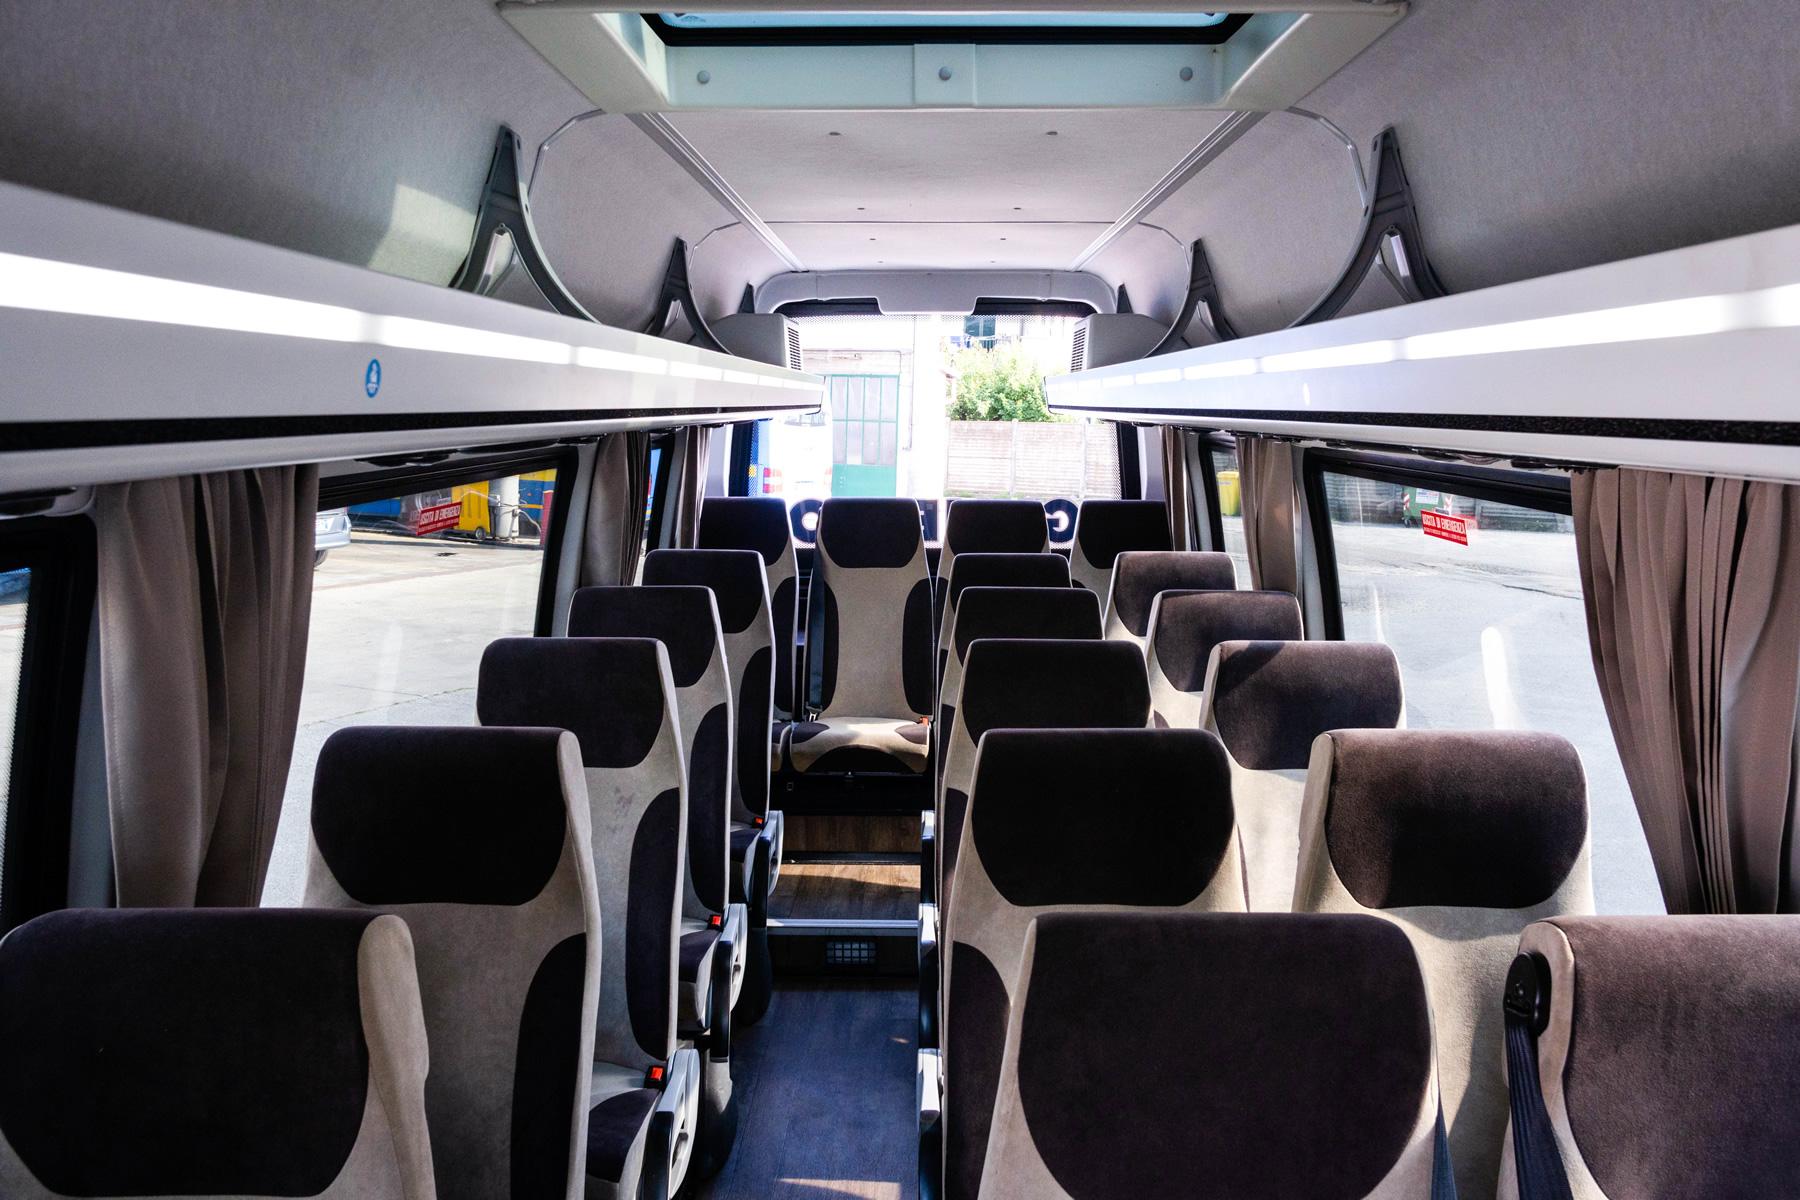 Gunetto Autolinee: noleggio bus Fossano Cuneo - Iveco ...